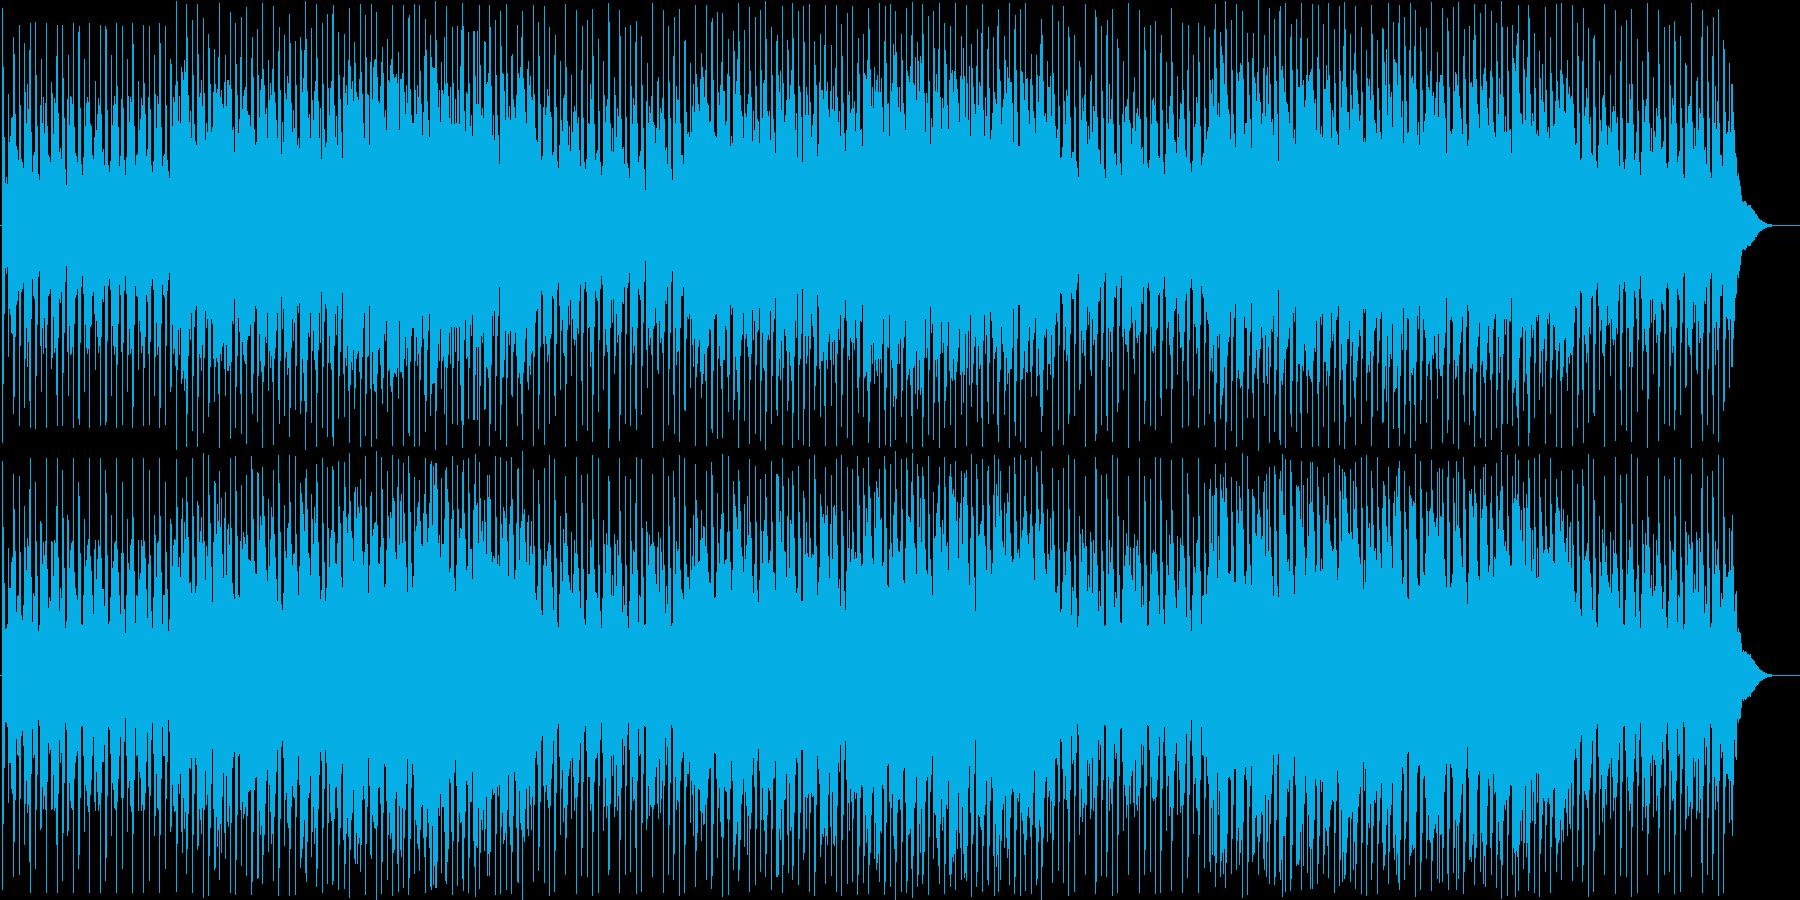 勇ましい和太鼓の連打と三味線の融合した曲の再生済みの波形